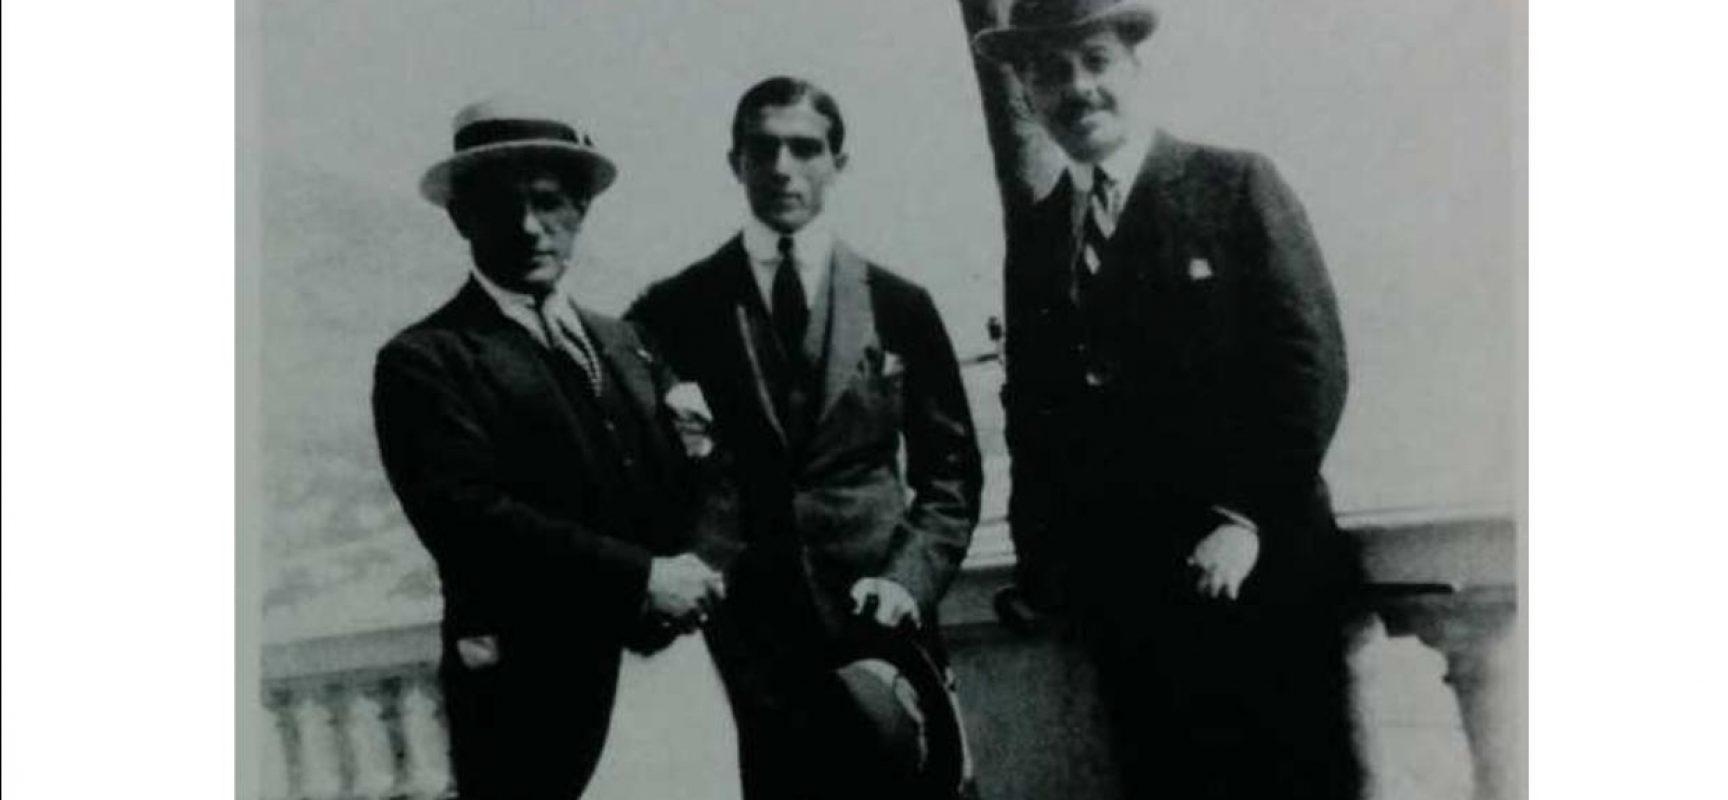 Pablo Picasso, Léonide Massine e Sergeij Diaghilev a Napoli (1917)